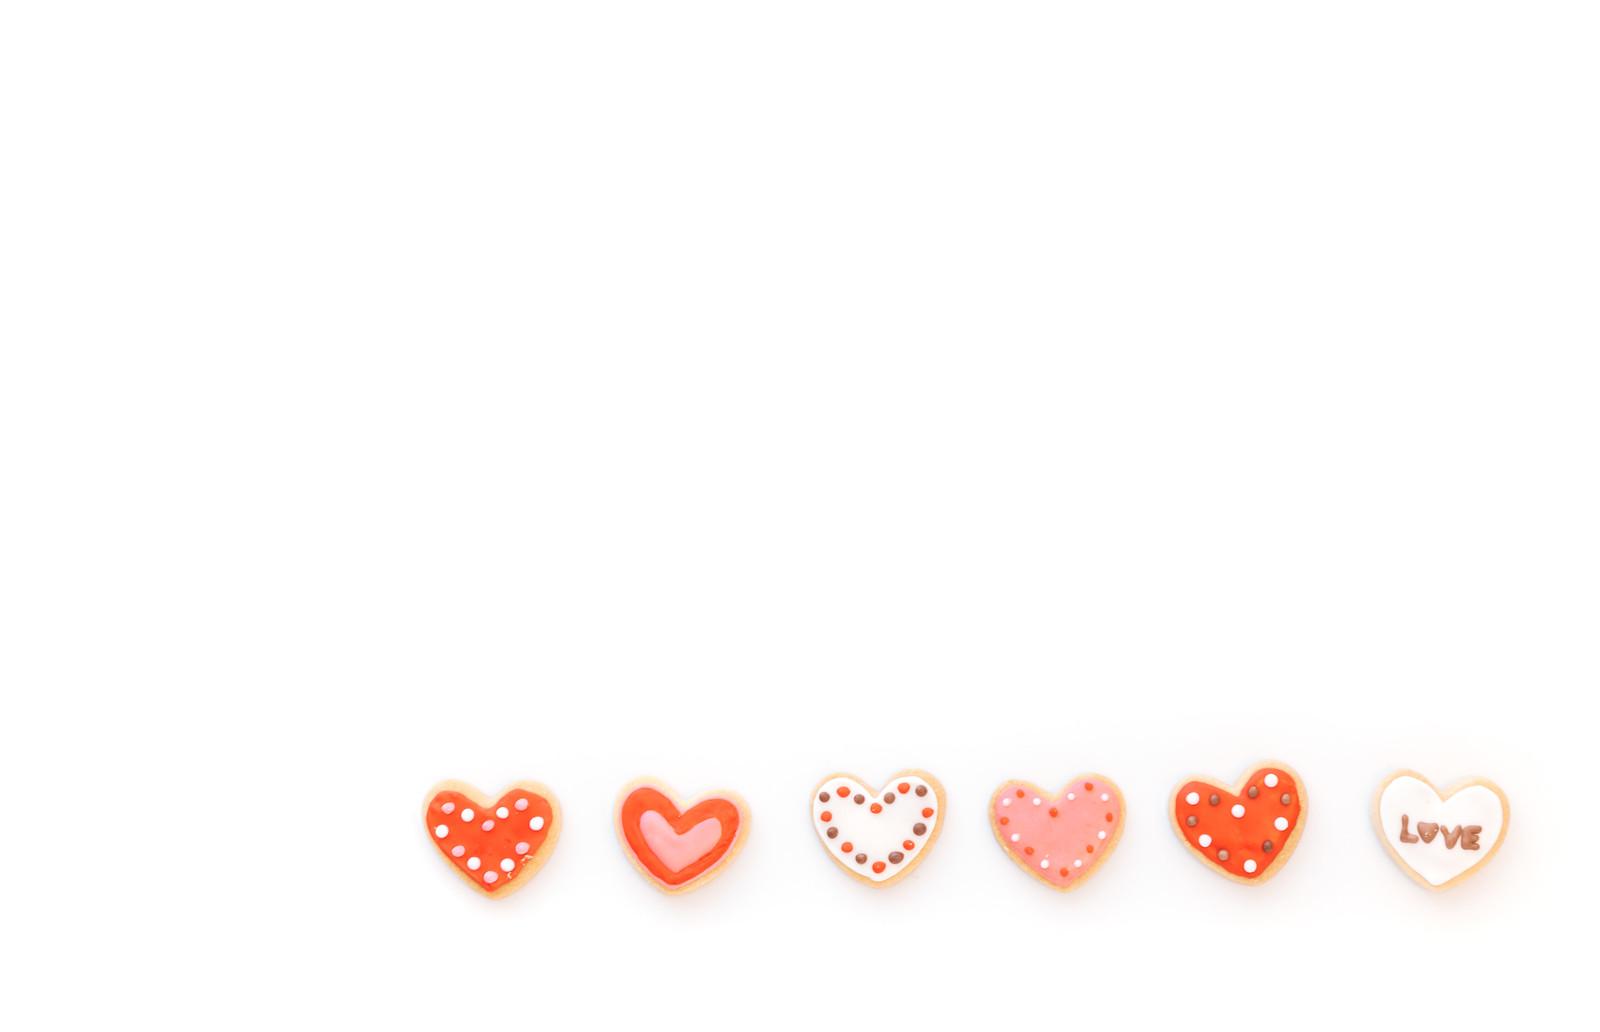 heart_cookies_line